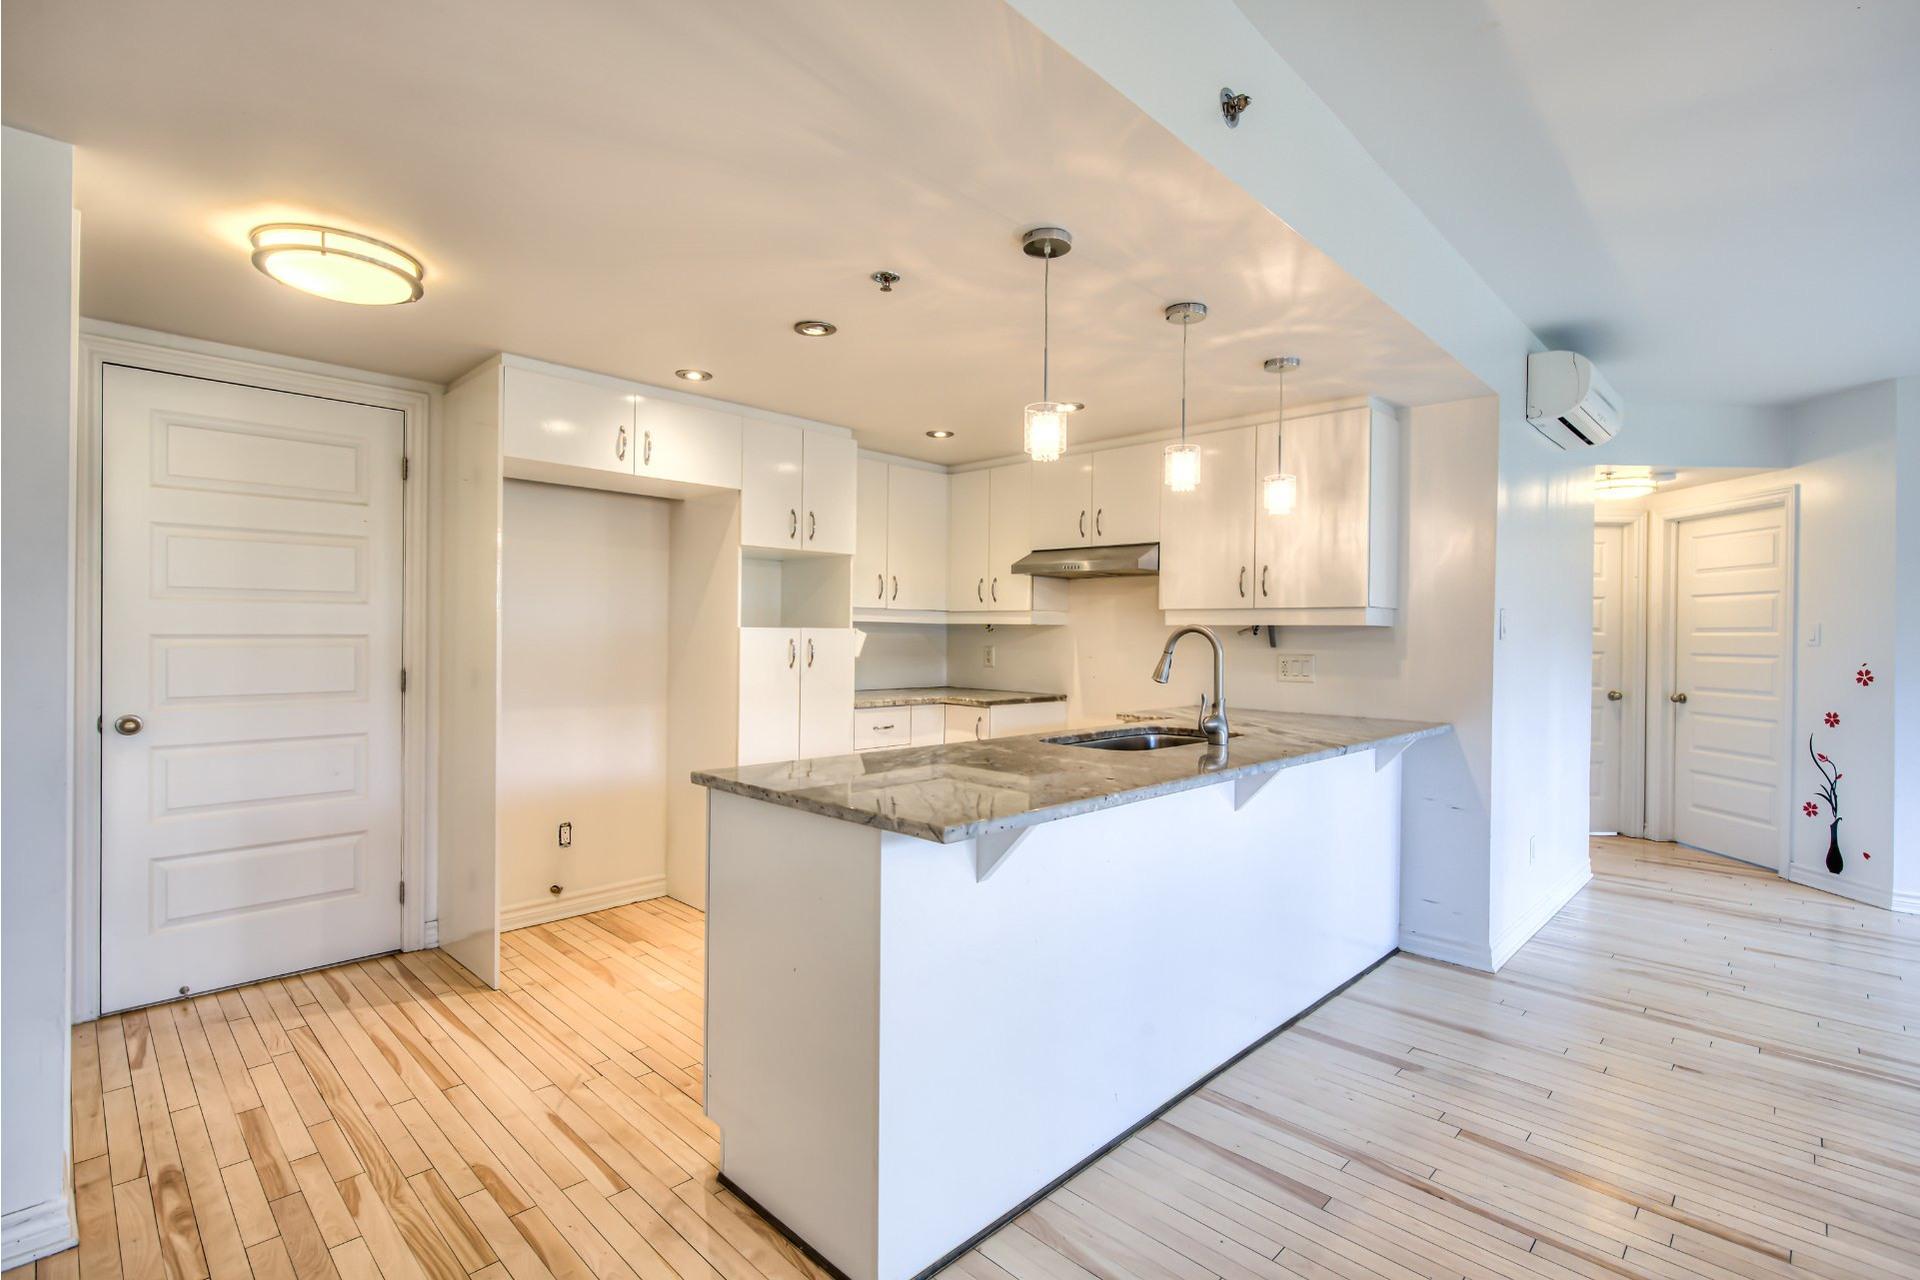 image 3 - Apartment For sale Saint-Laurent Montréal  - 6 rooms